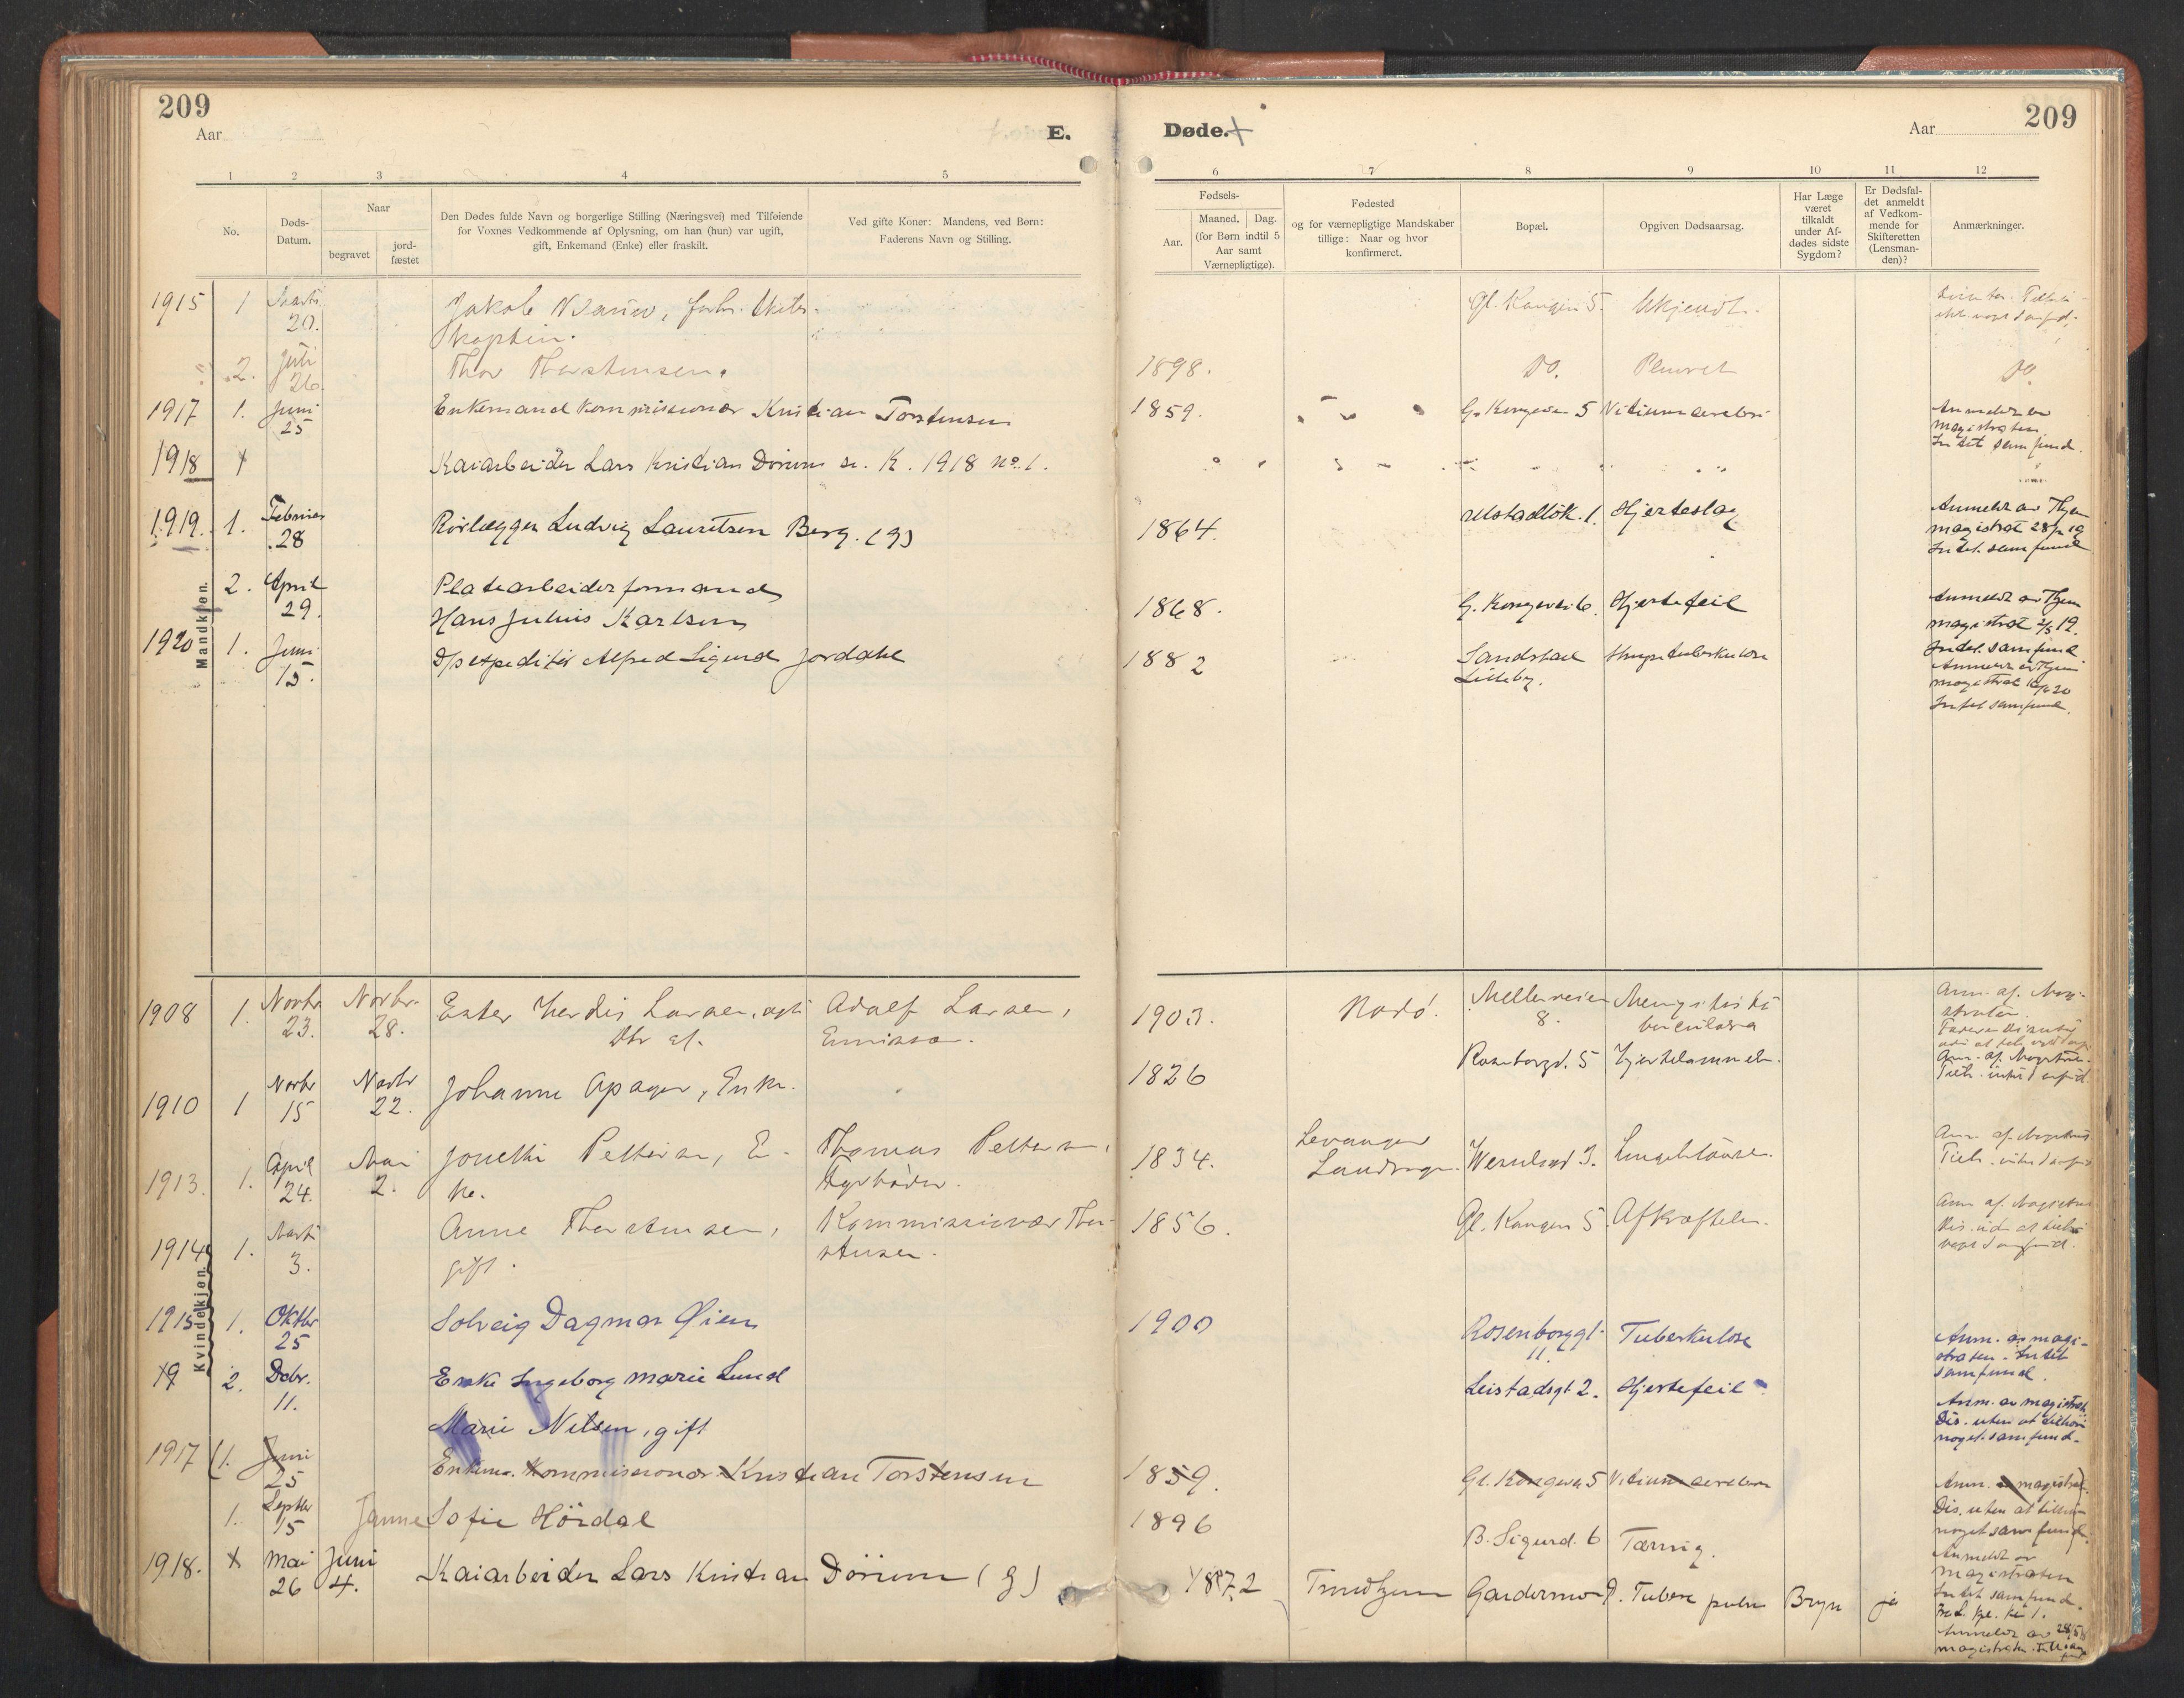 SAT, Ministerialprotokoller, klokkerbøker og fødselsregistre - Sør-Trøndelag, 605/L0244: Ministerialbok nr. 605A06, 1908-1954, s. 209